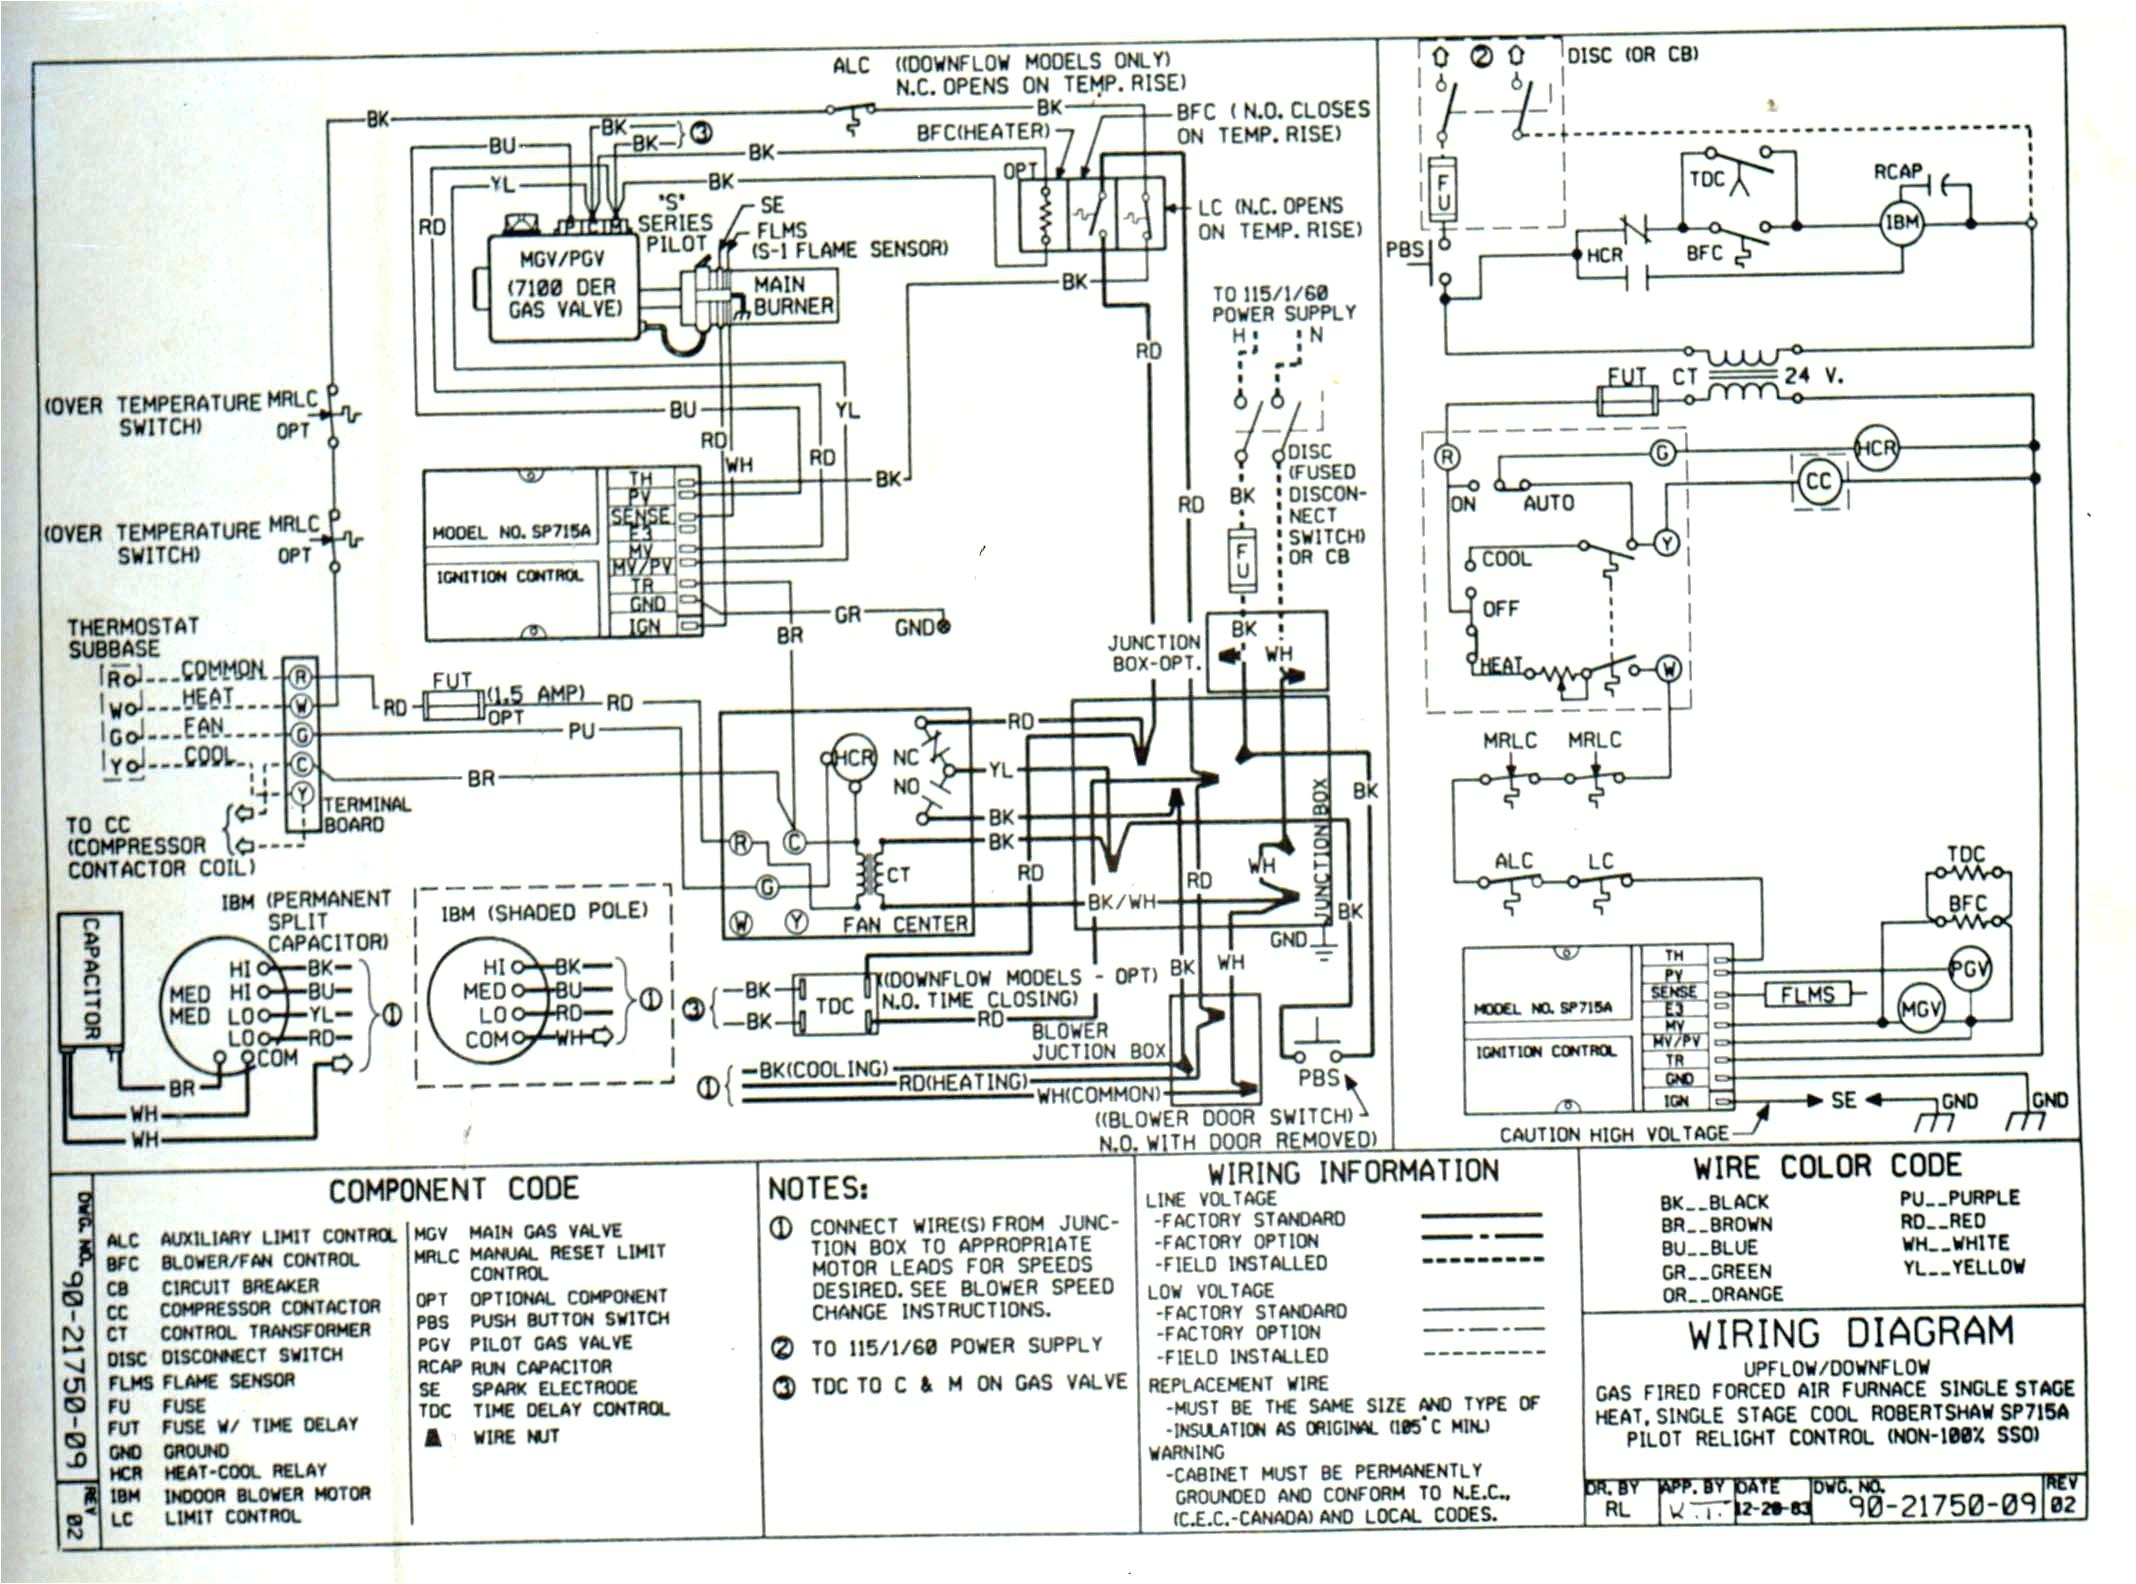 henry j wiring diagram book diagram schema henry j wiring diagram